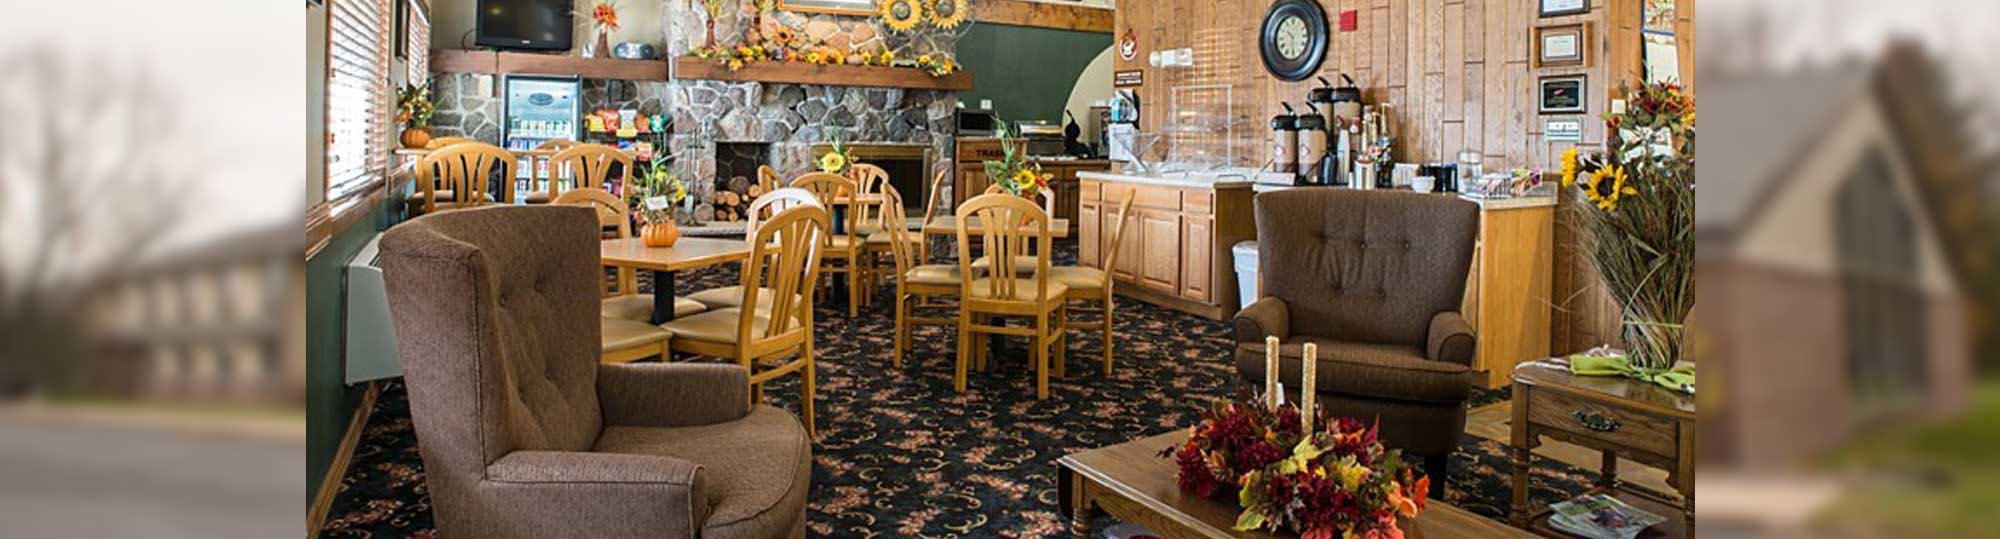 Boarders Inn & Suites Medford